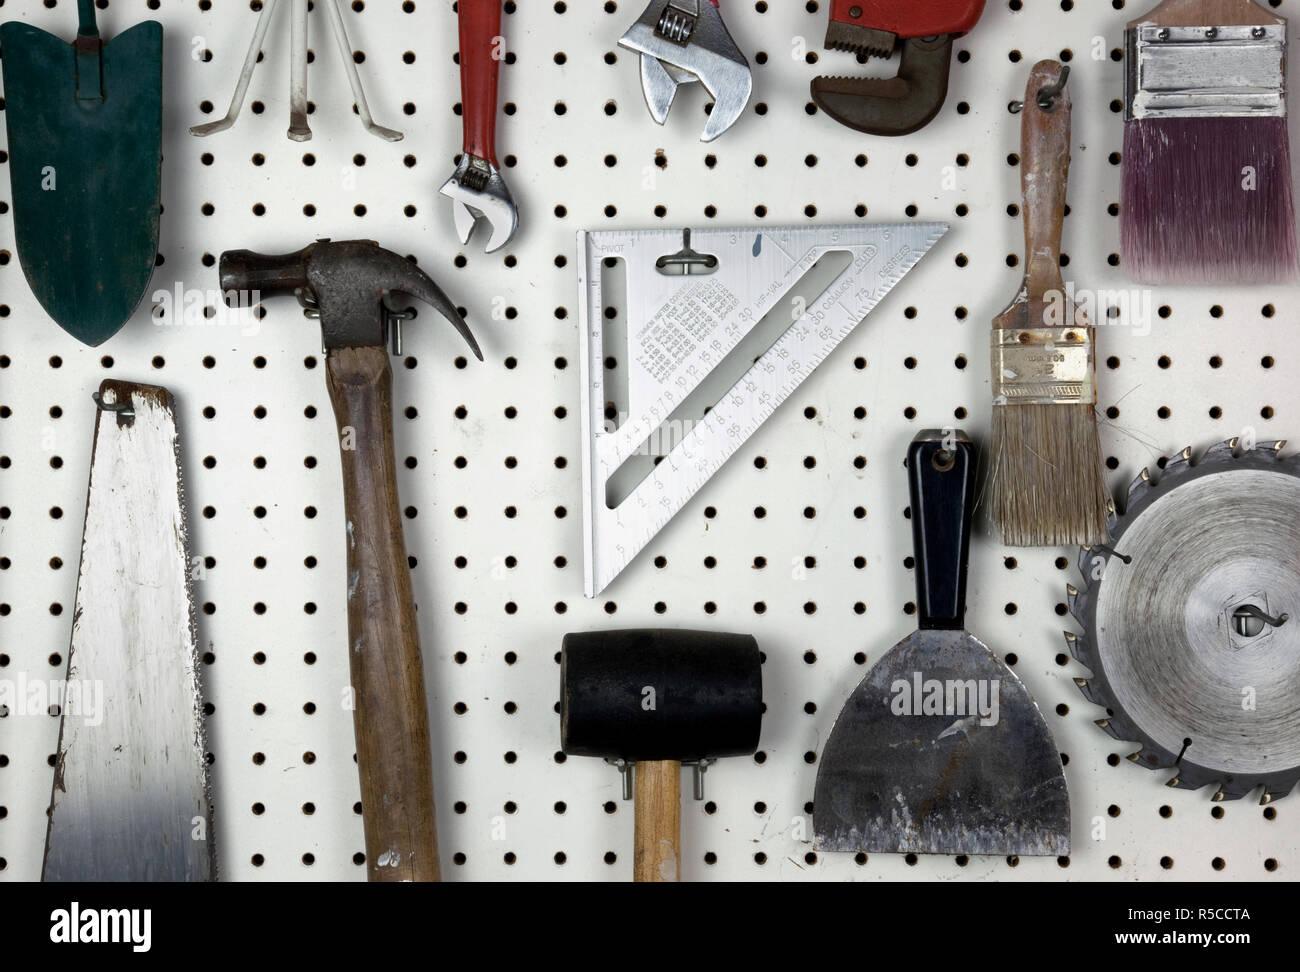 Herramientas organizadas en garaje Foto de stock